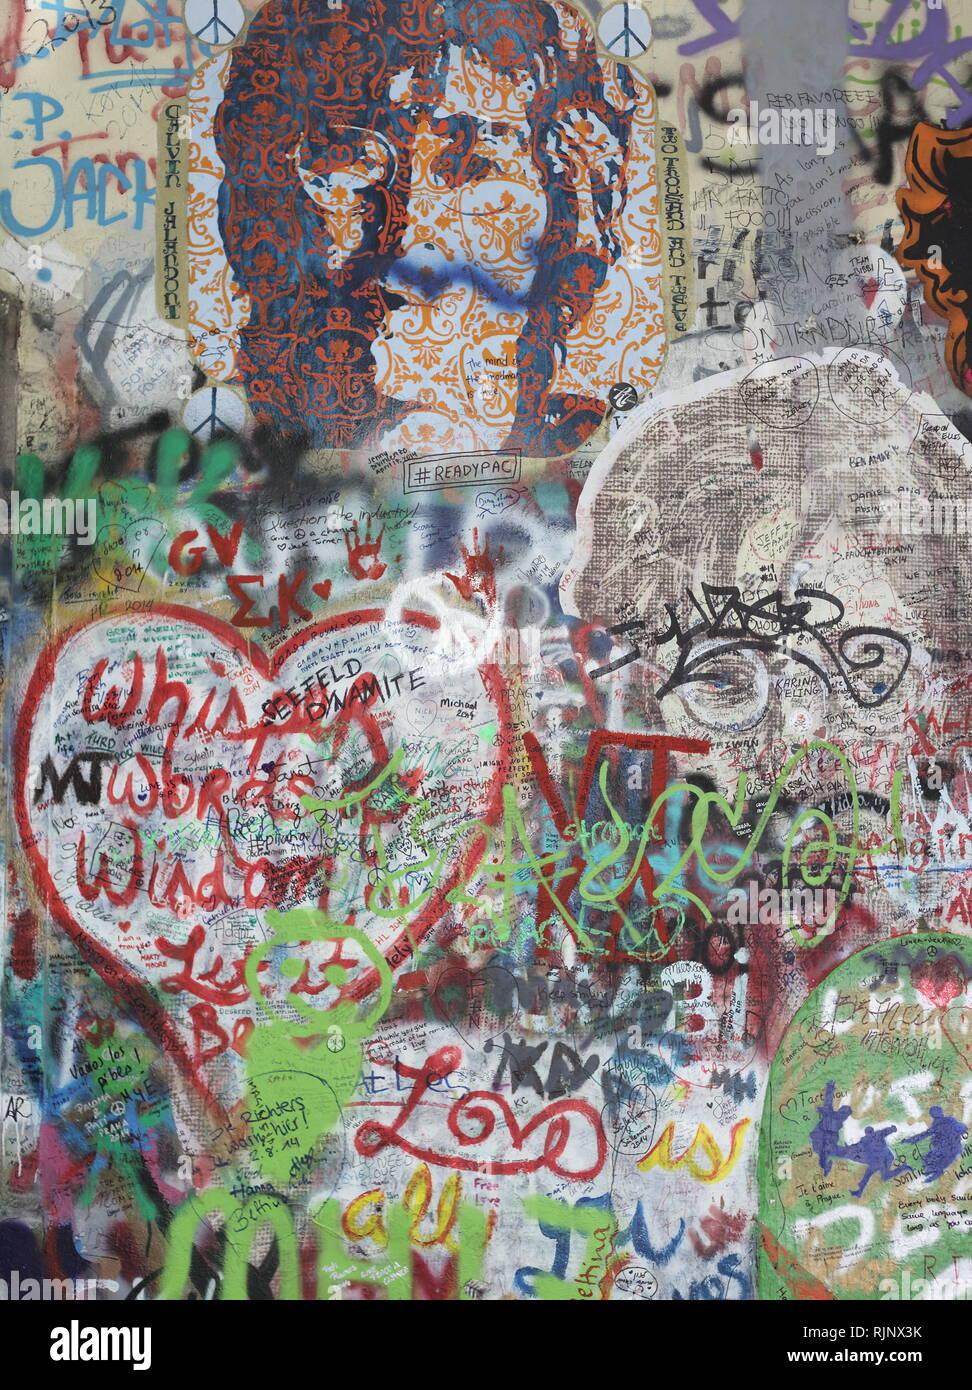 PRAGUE, RÉPUBLIQUE TCHÈQUE - NOVEMBRE 05:le mur de Lennon depuis les années 80, rempli de John Lennon. Usage éditorial uniquement. Banque D'Images